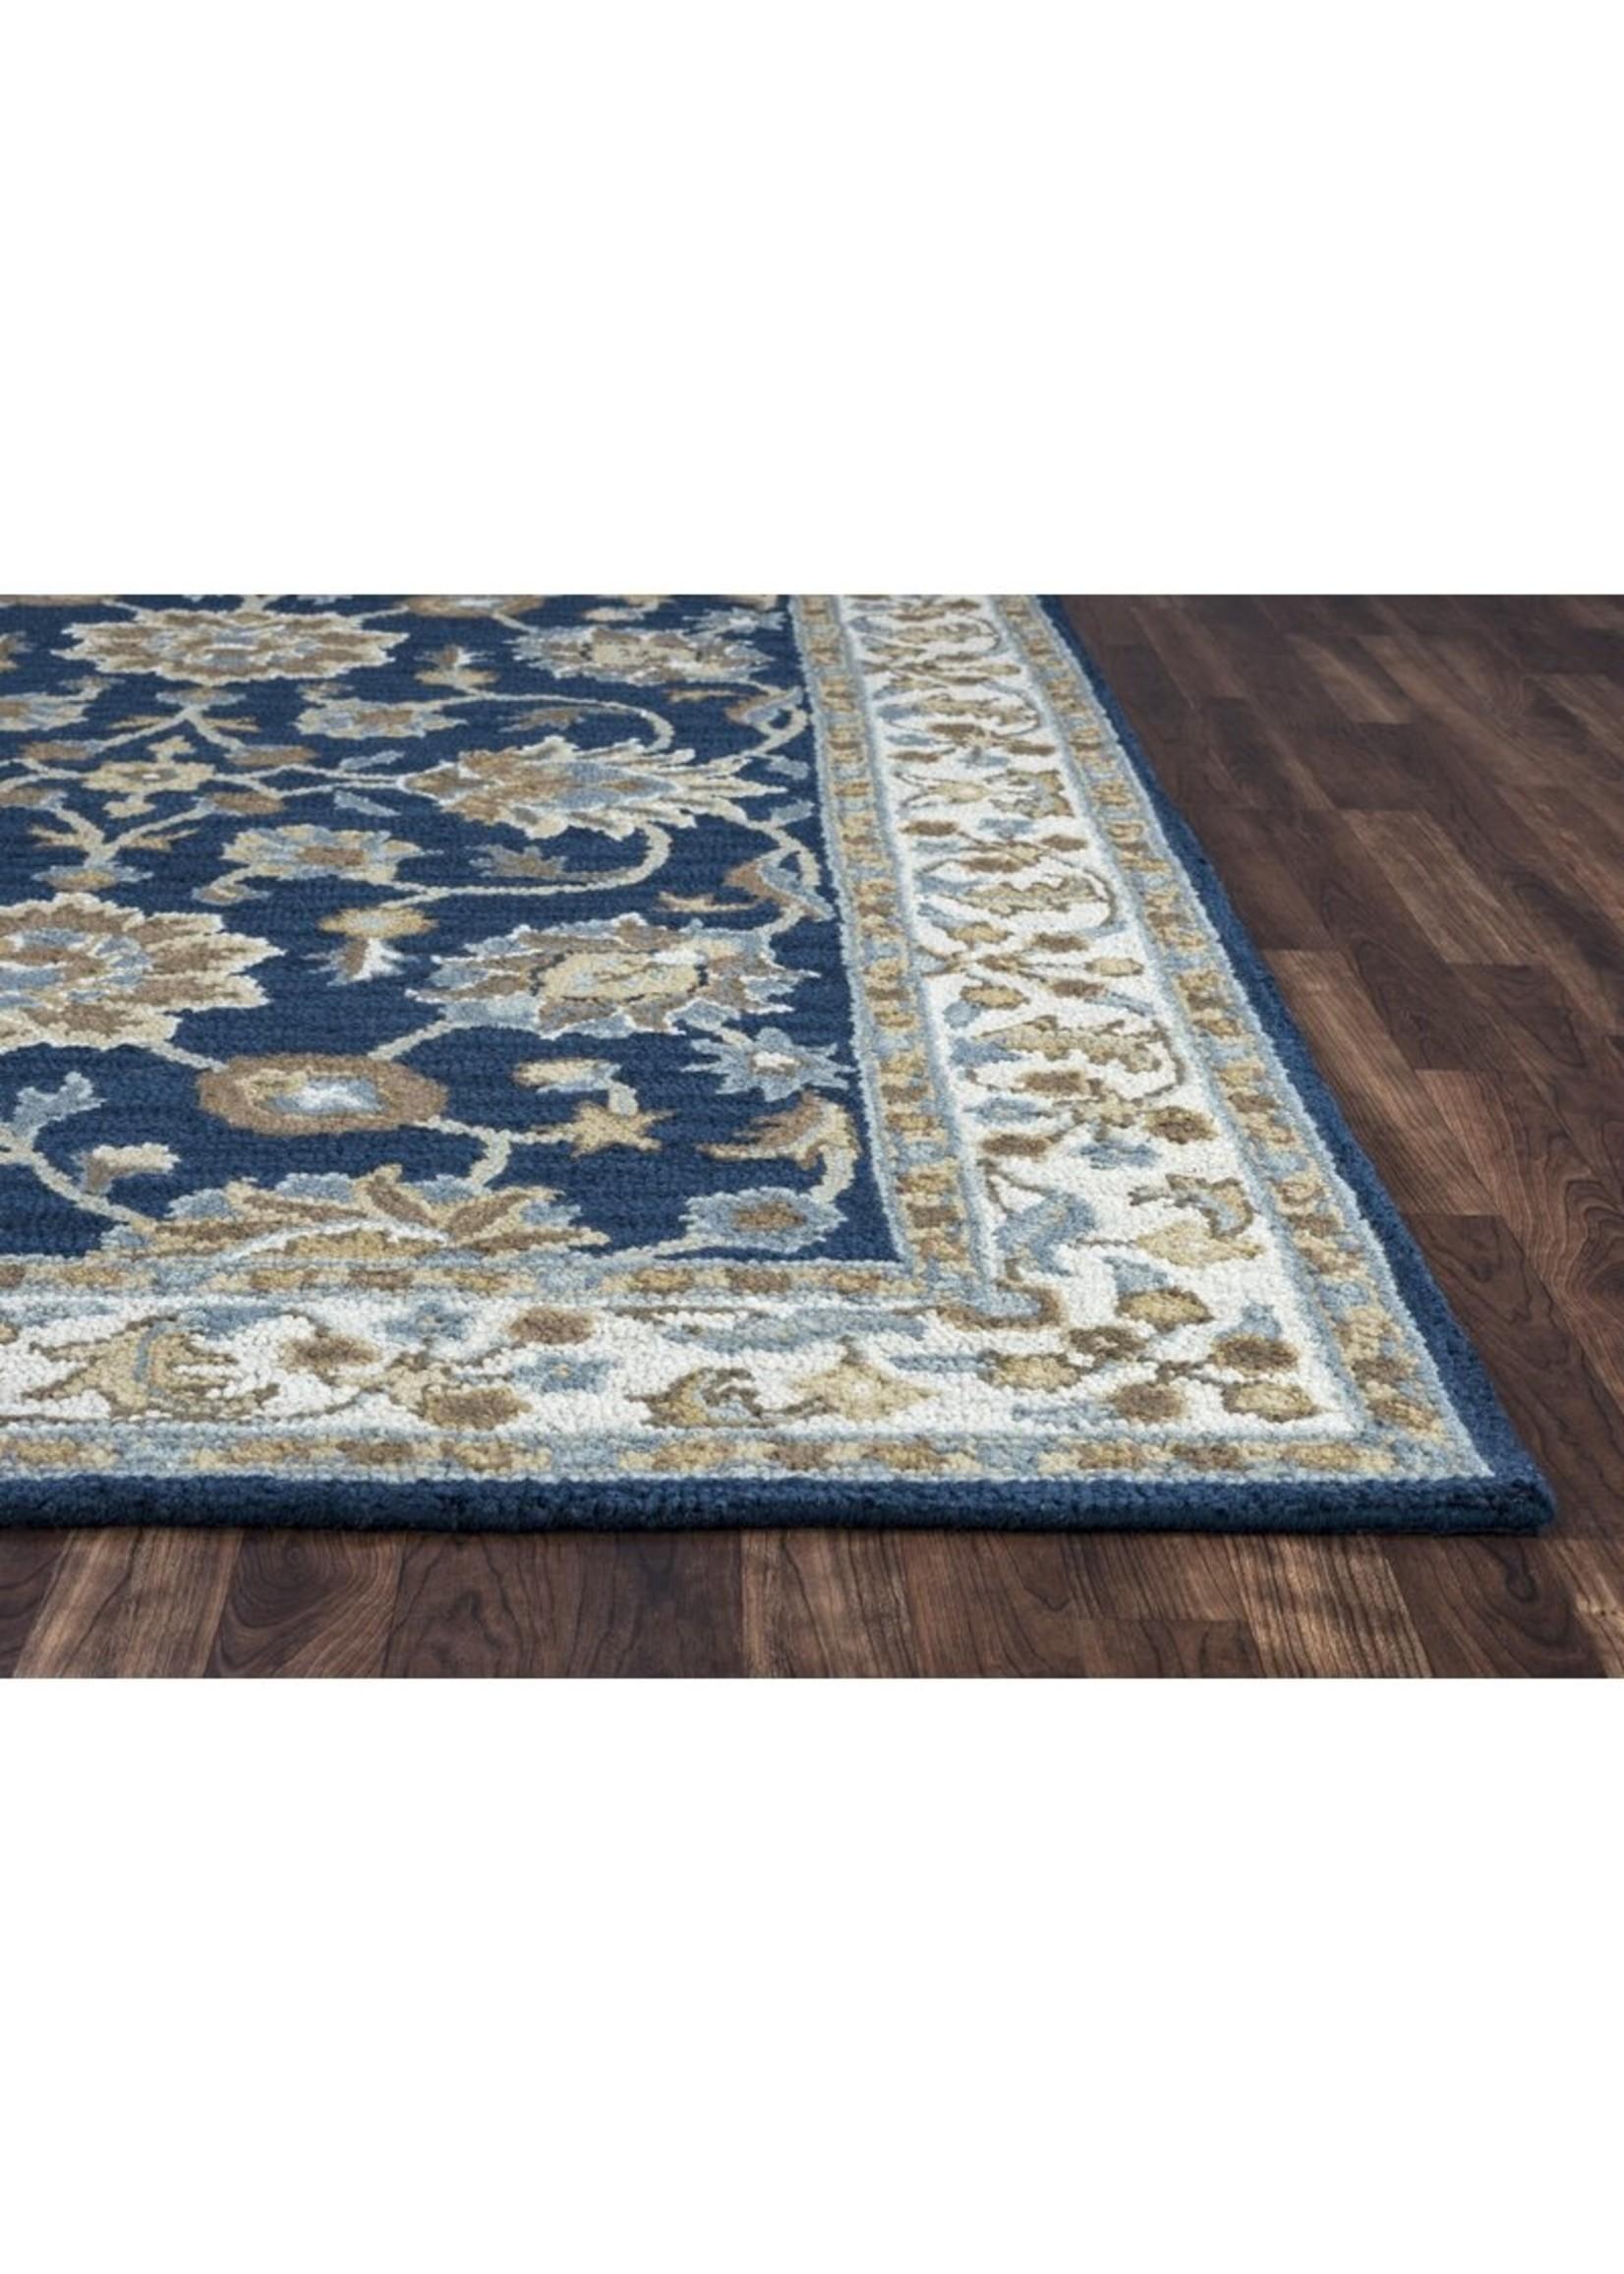 *3' x 5' - Oriental Handmade Tufted Wool Blue Area Rug